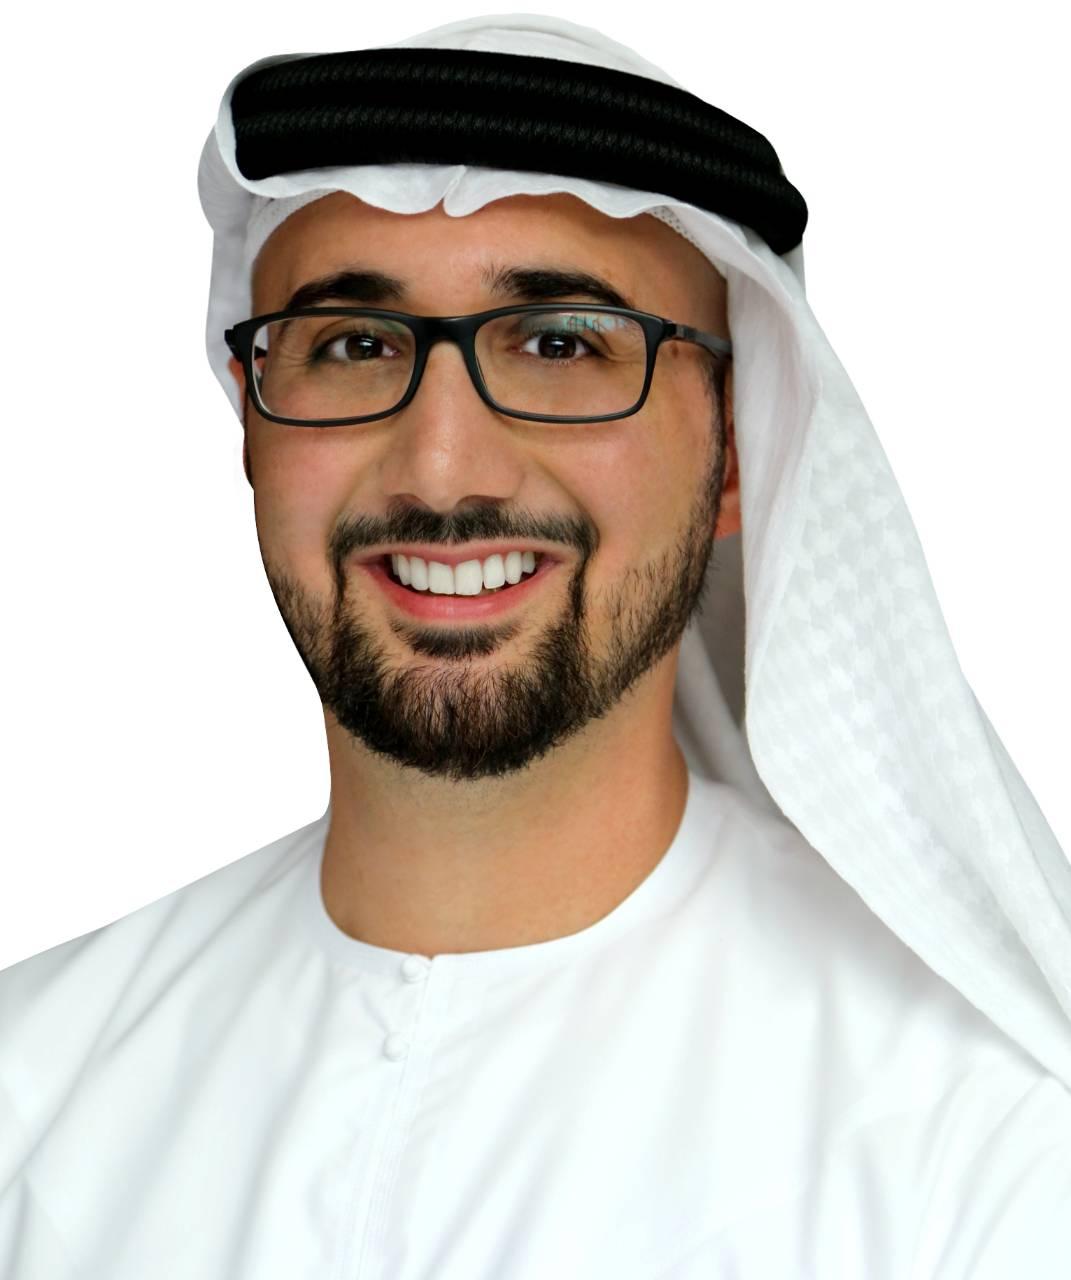 ADIO DG_Dr Tariq Bin Hendi_Small (1)